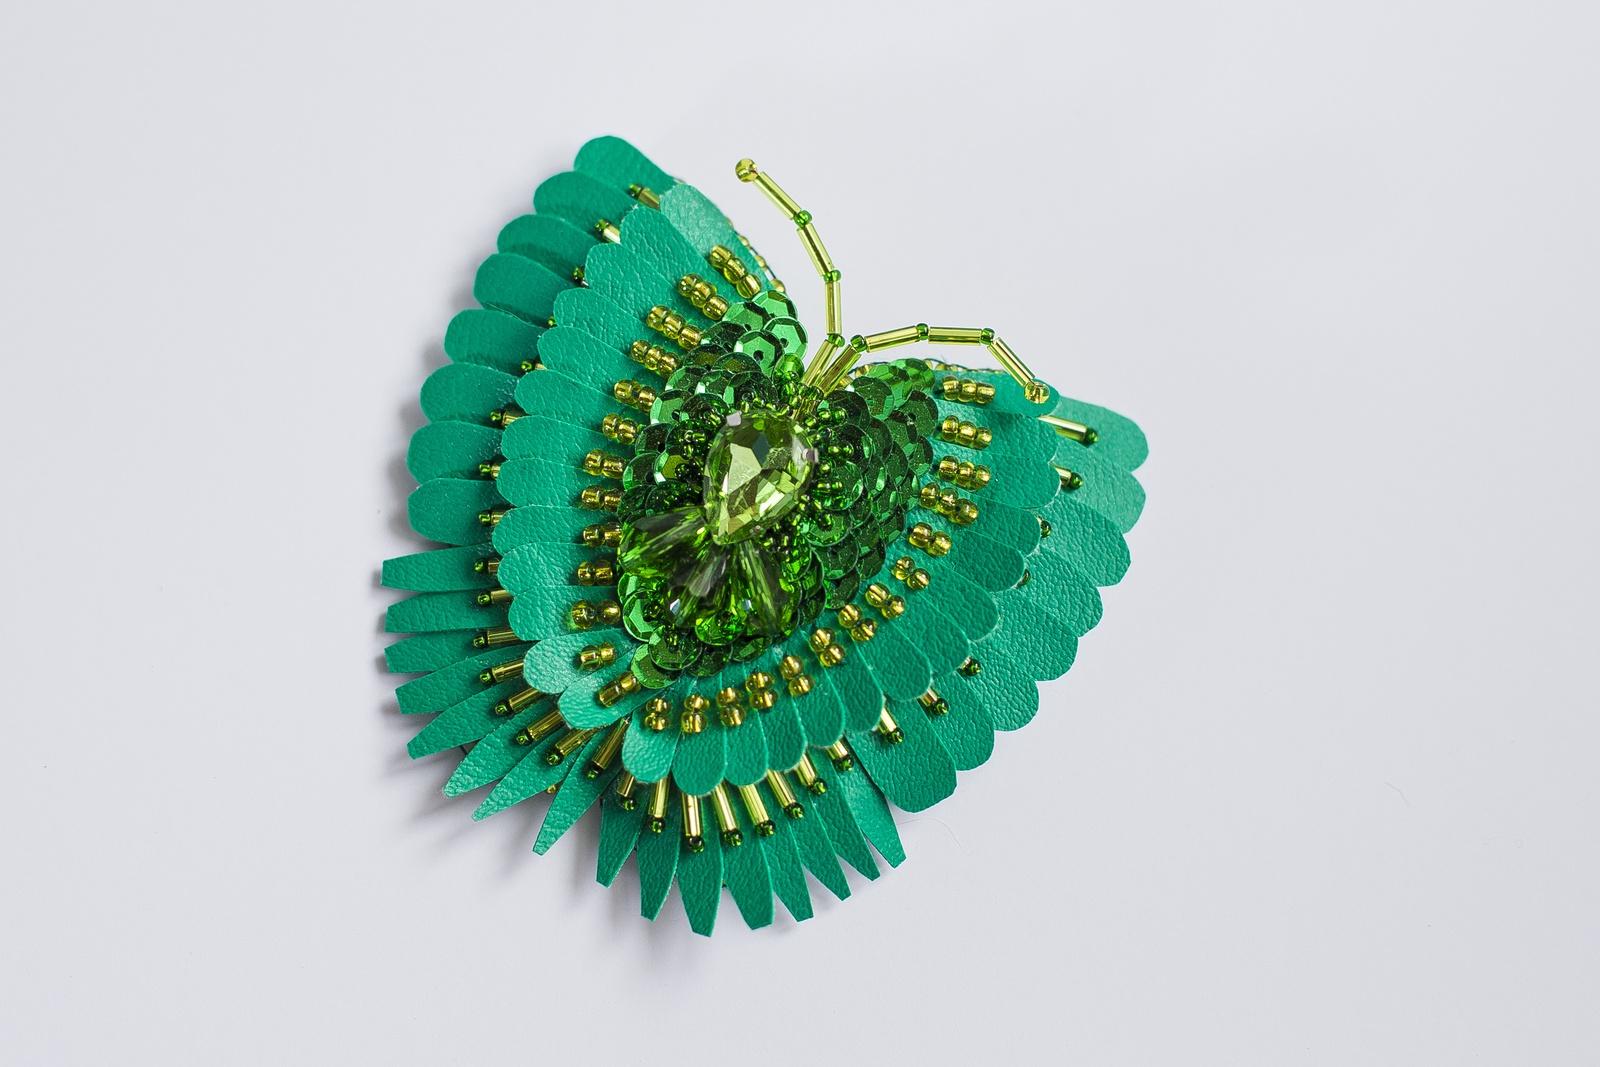 Брошь бижутерная Vivacase Butterfly Palinuris, Искусственная кожа, Бисер, Стразы, зеленый